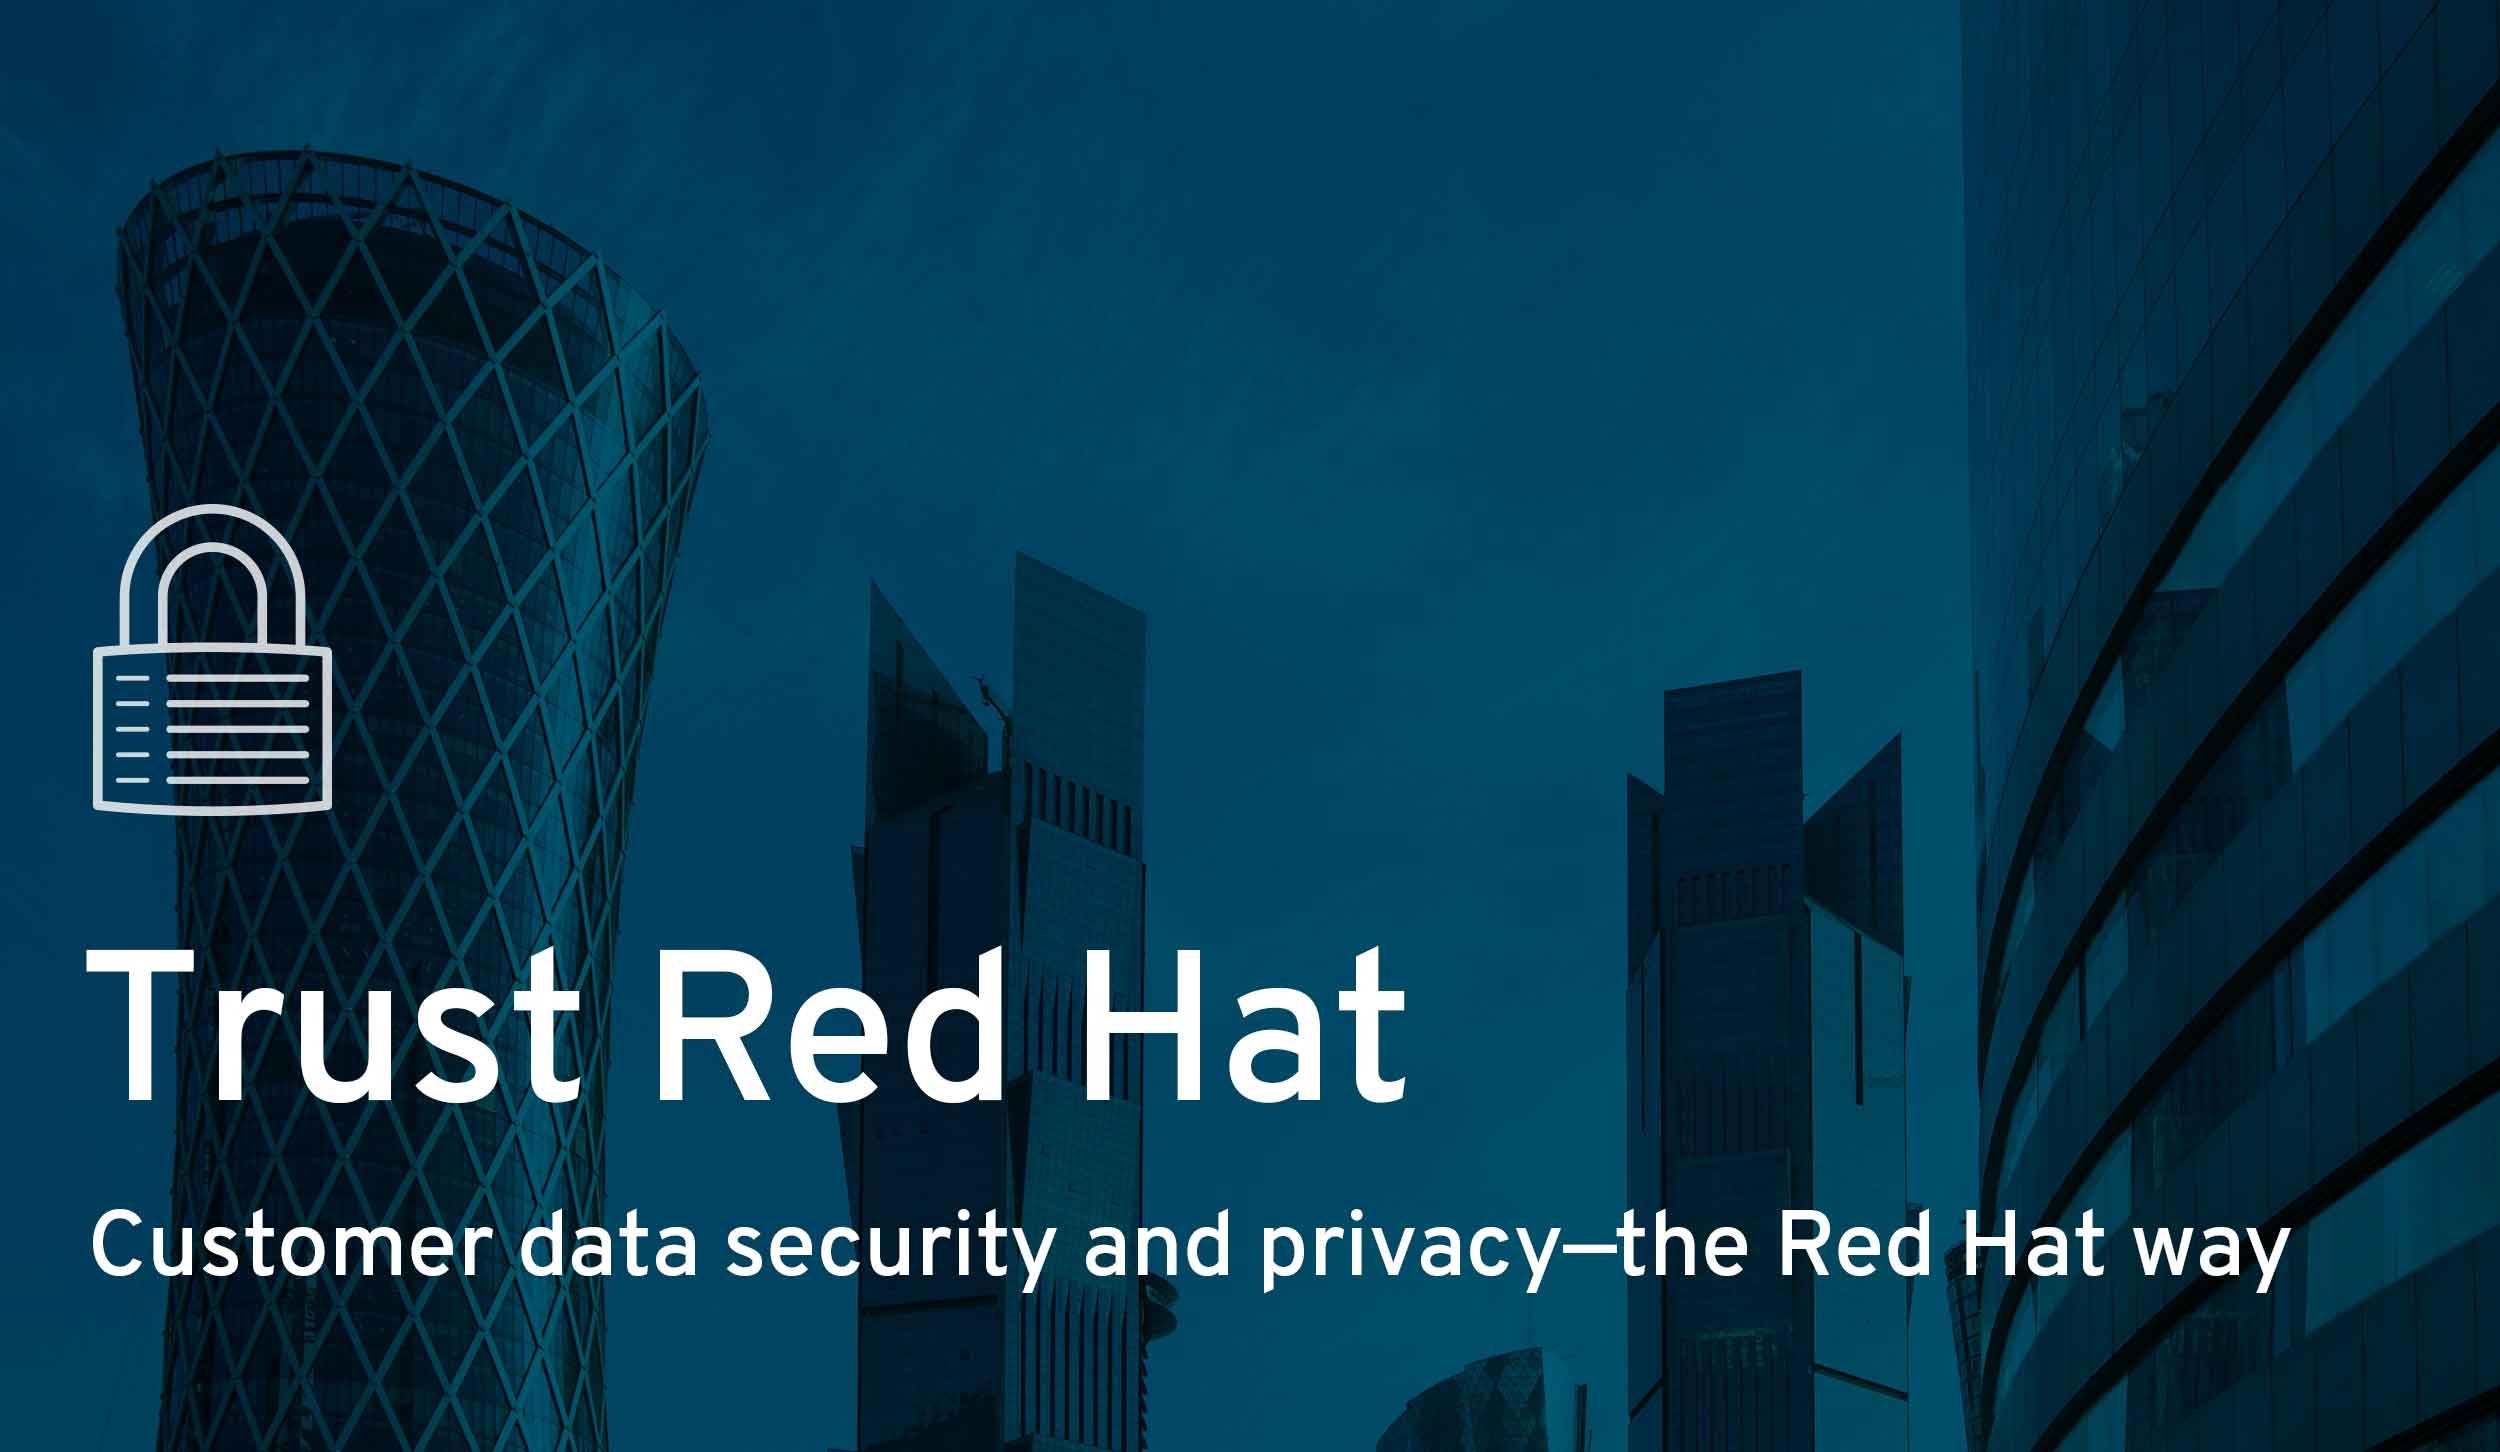 Trust Red Hat